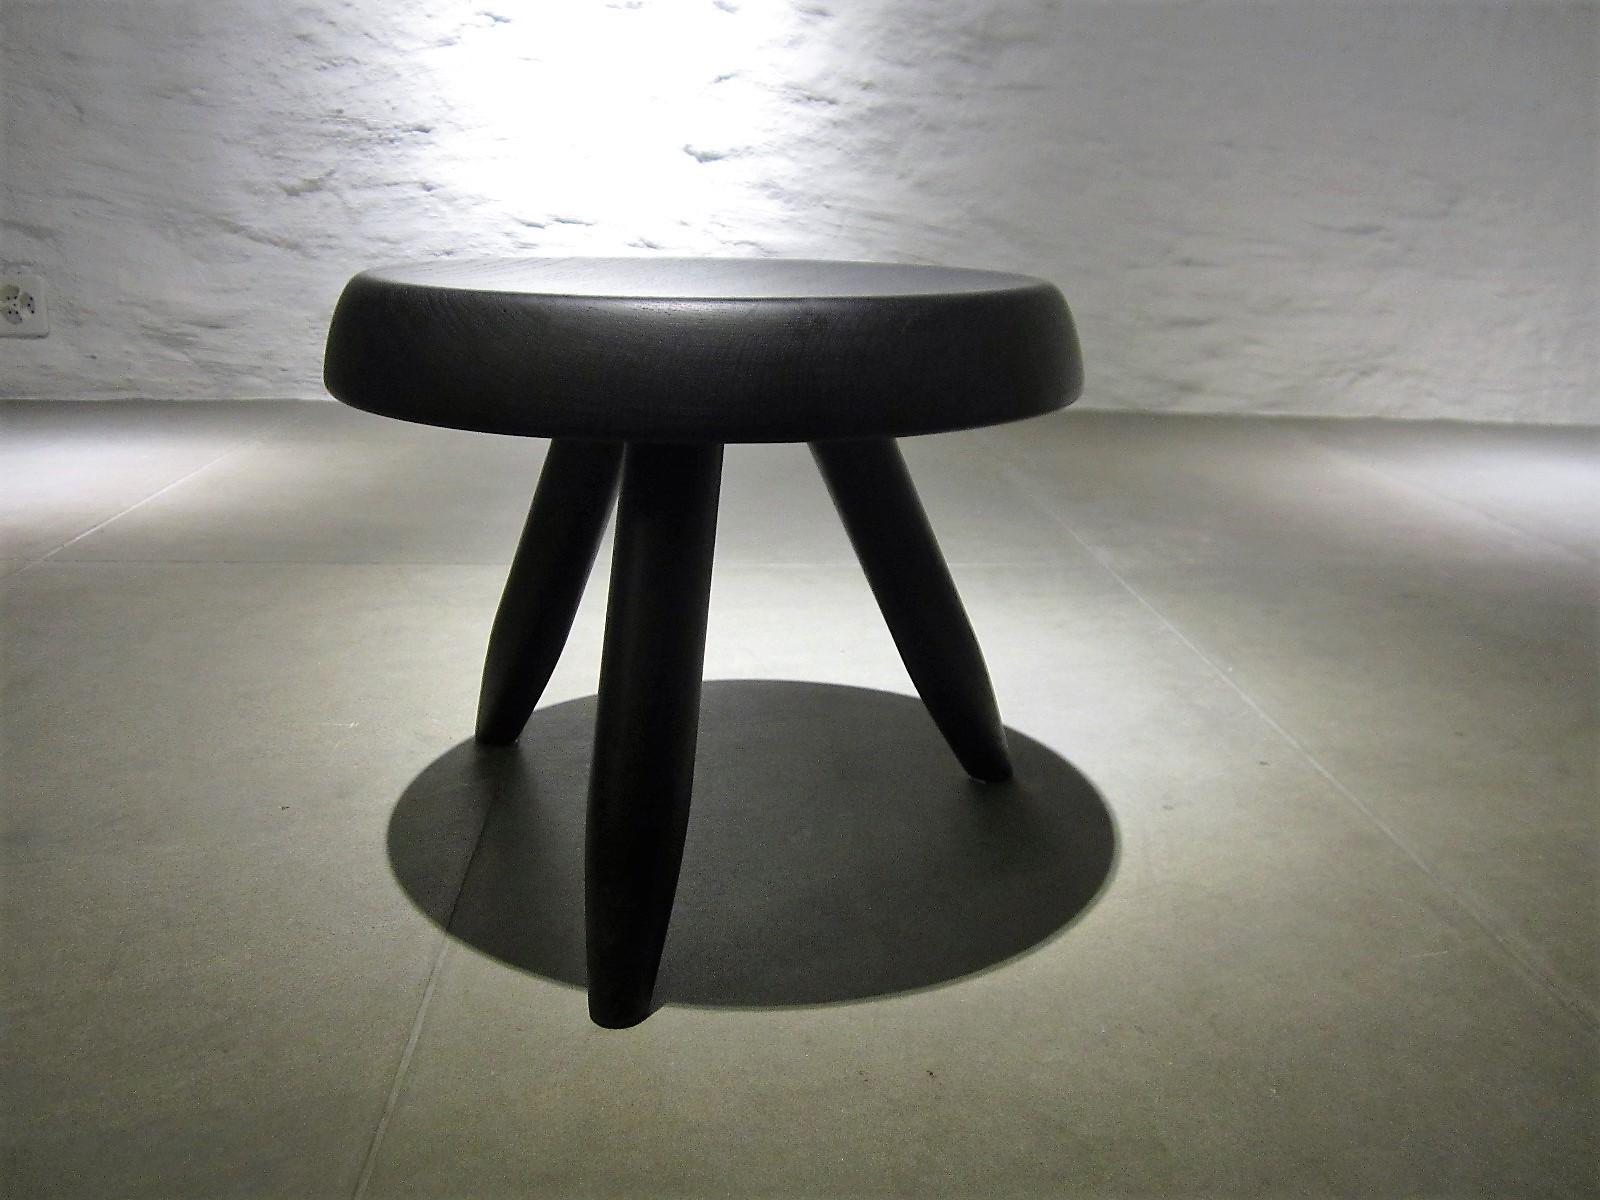 kleiner hocker oder beistelltisch berger. Black Bedroom Furniture Sets. Home Design Ideas